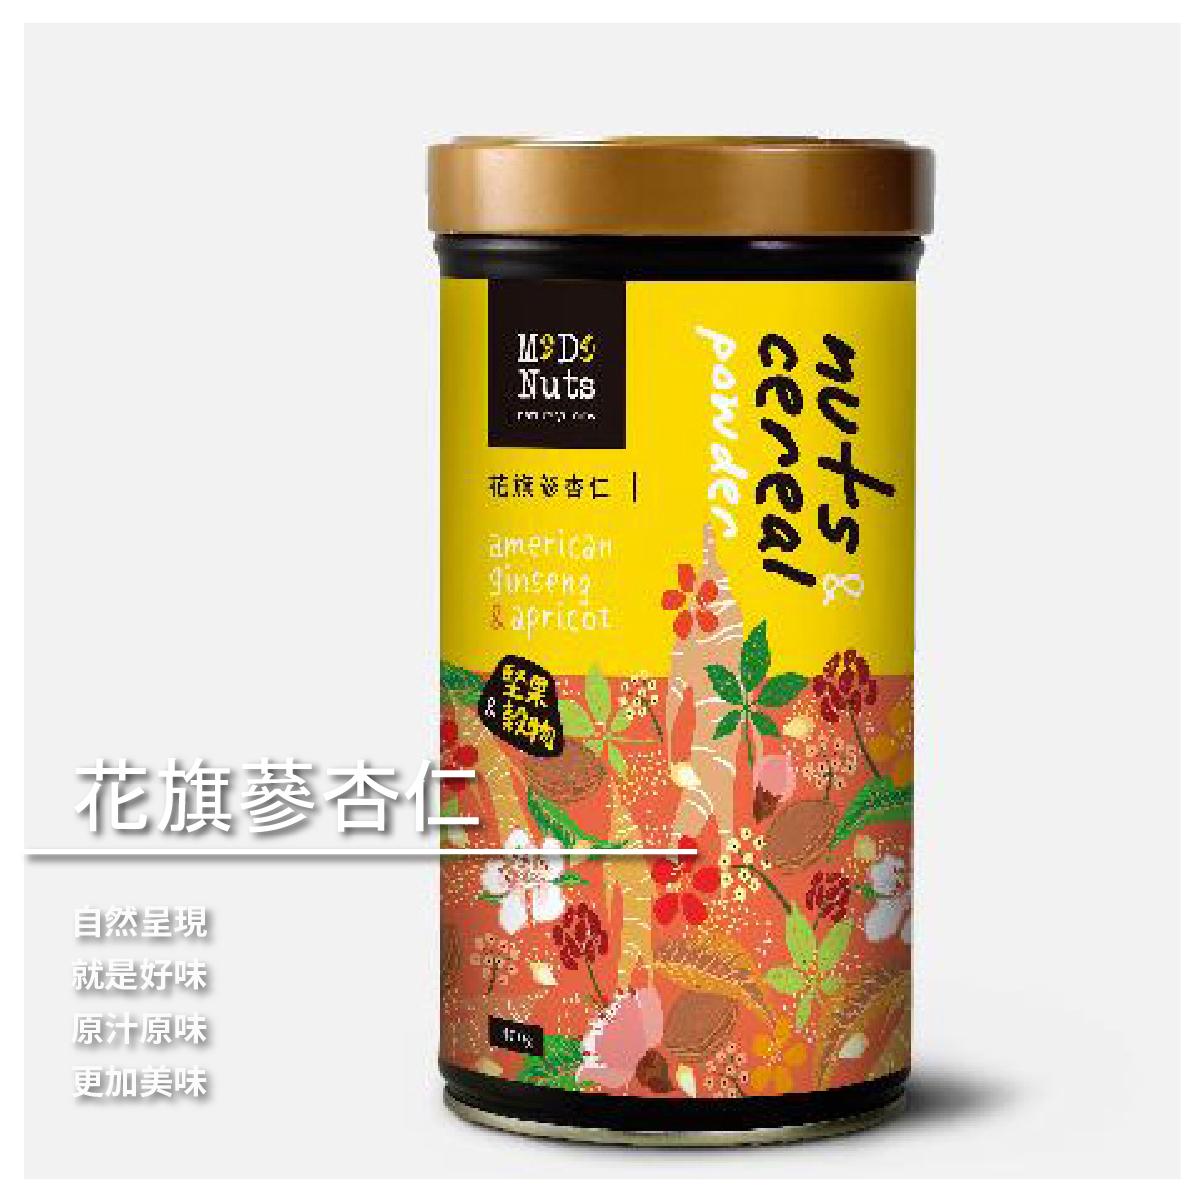 【茗磨坊磨豆】花旗蔘杏仁